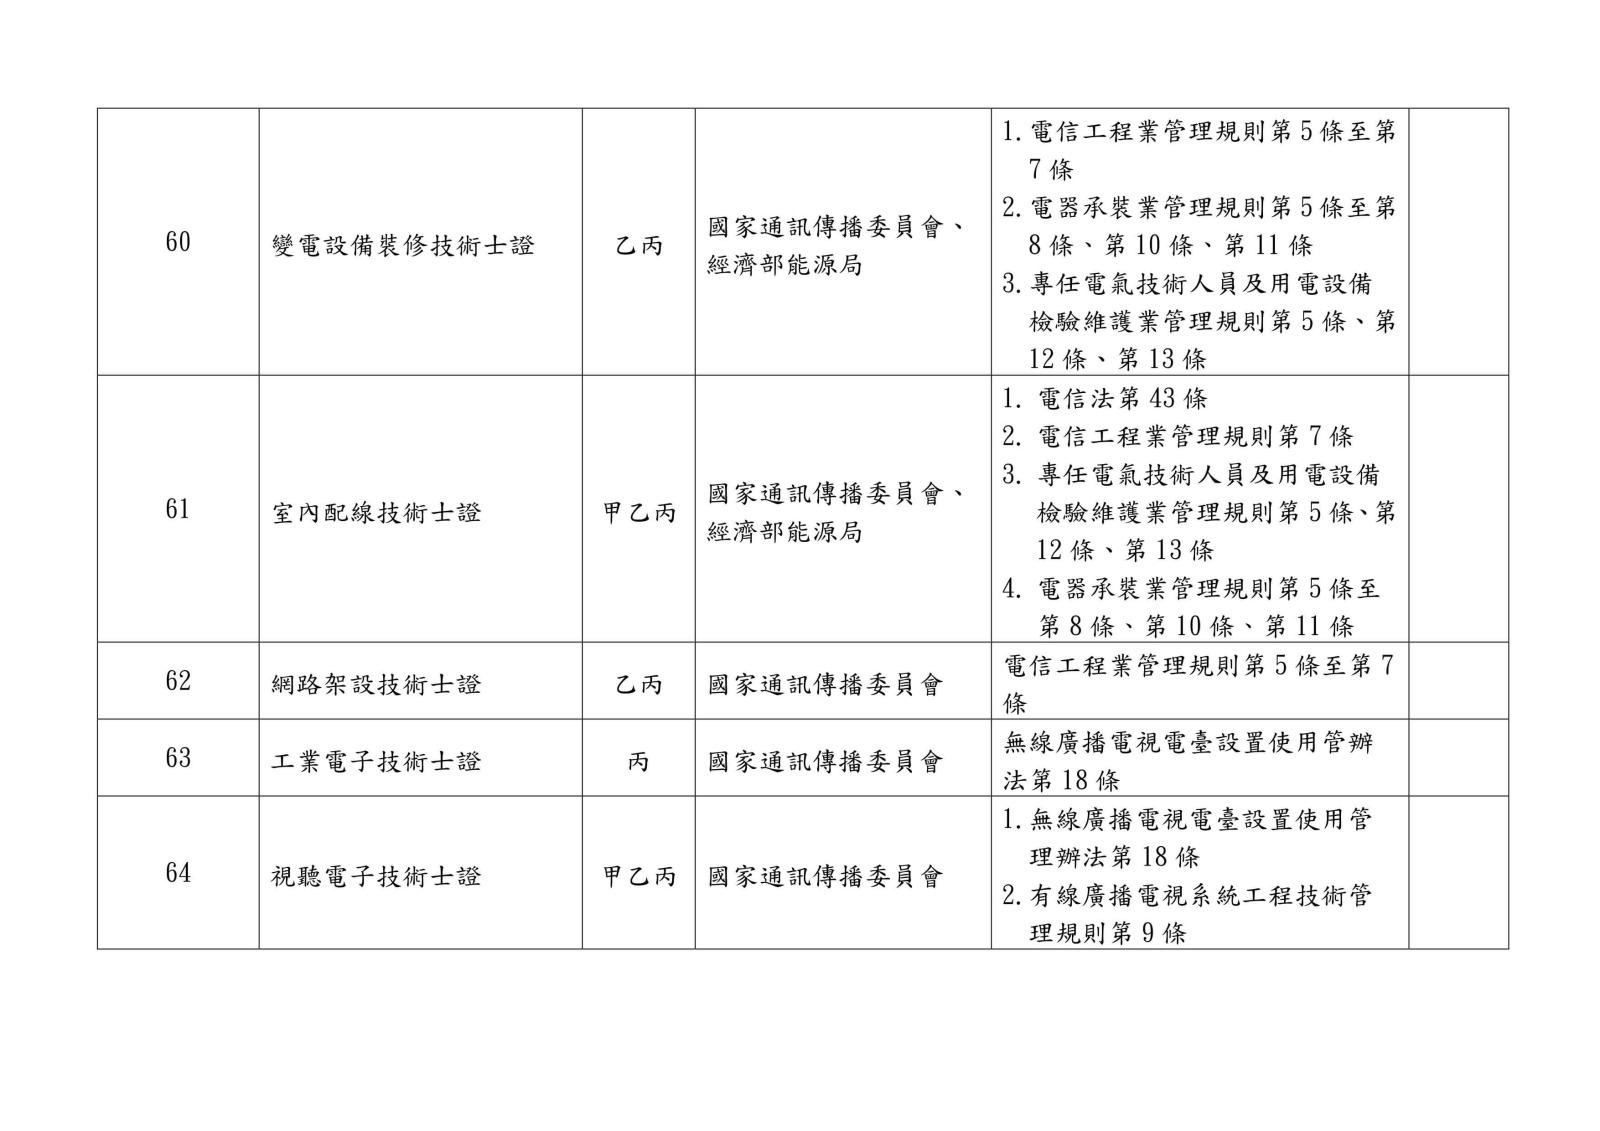 105 年各中央目的事業主管機關核發、委託、認證或認可證照一覽表0012